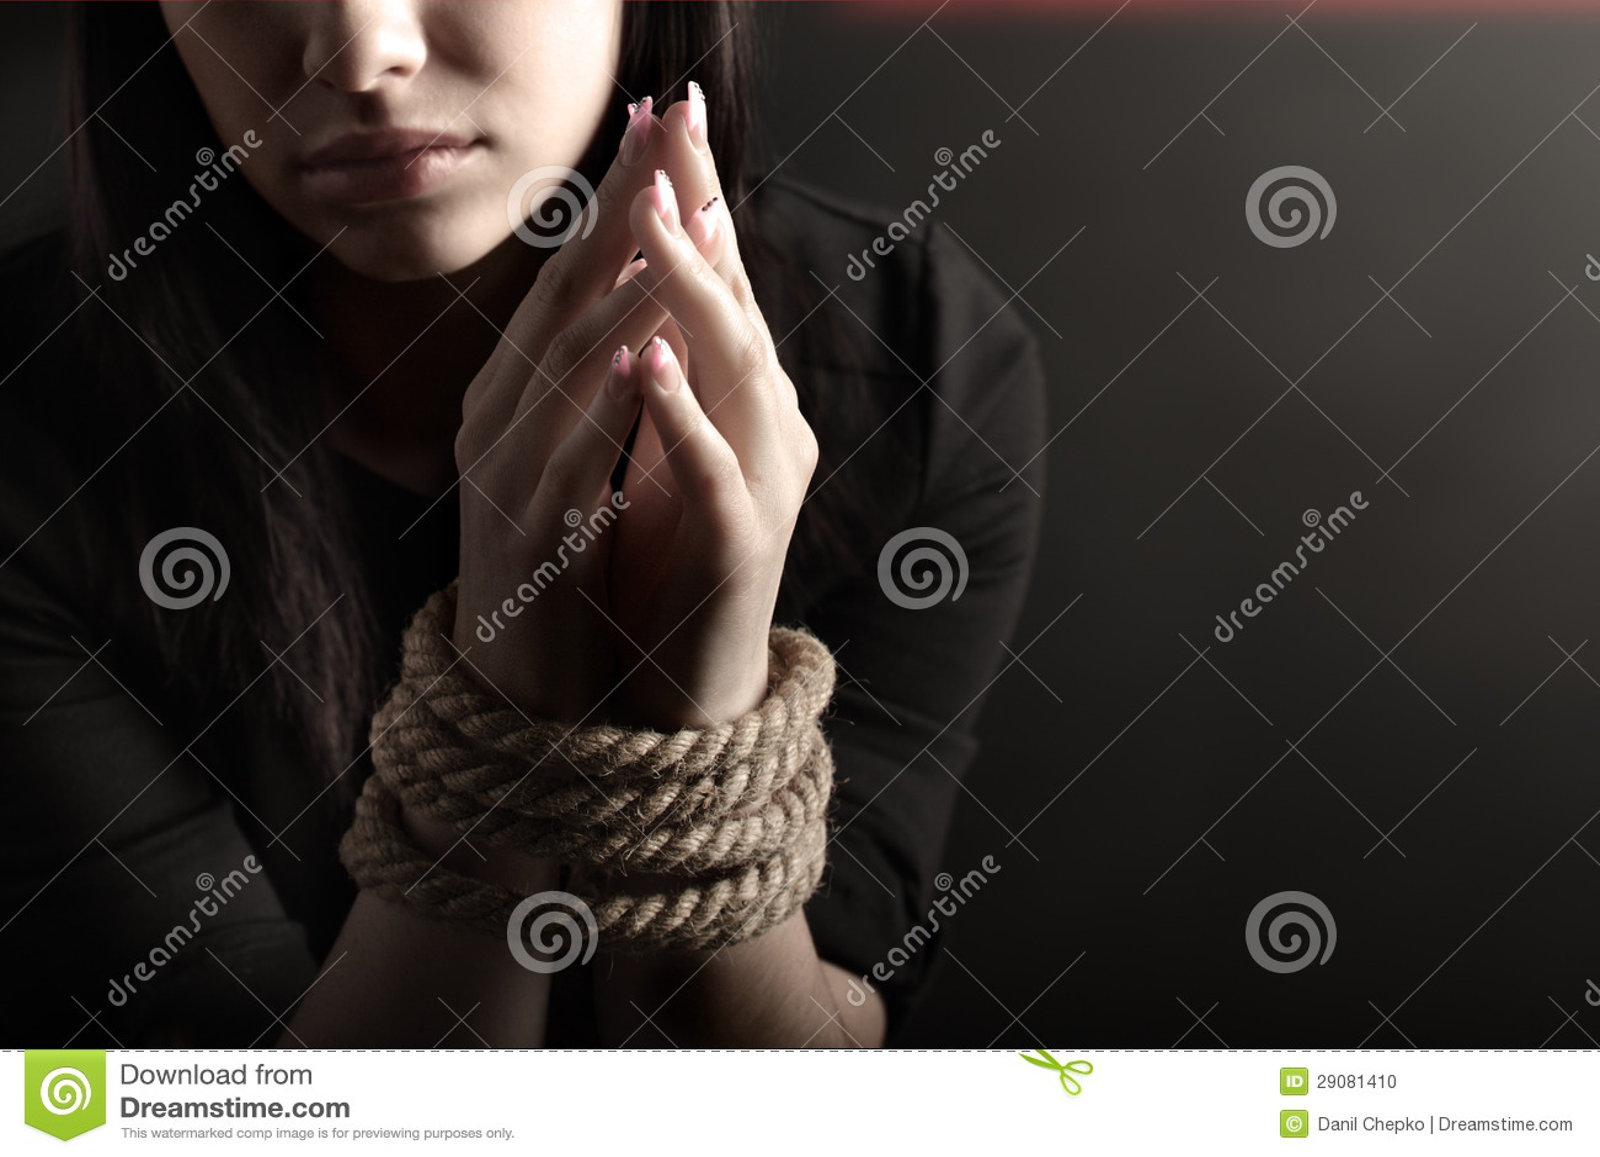 Связанные руки девушек фото 186-849